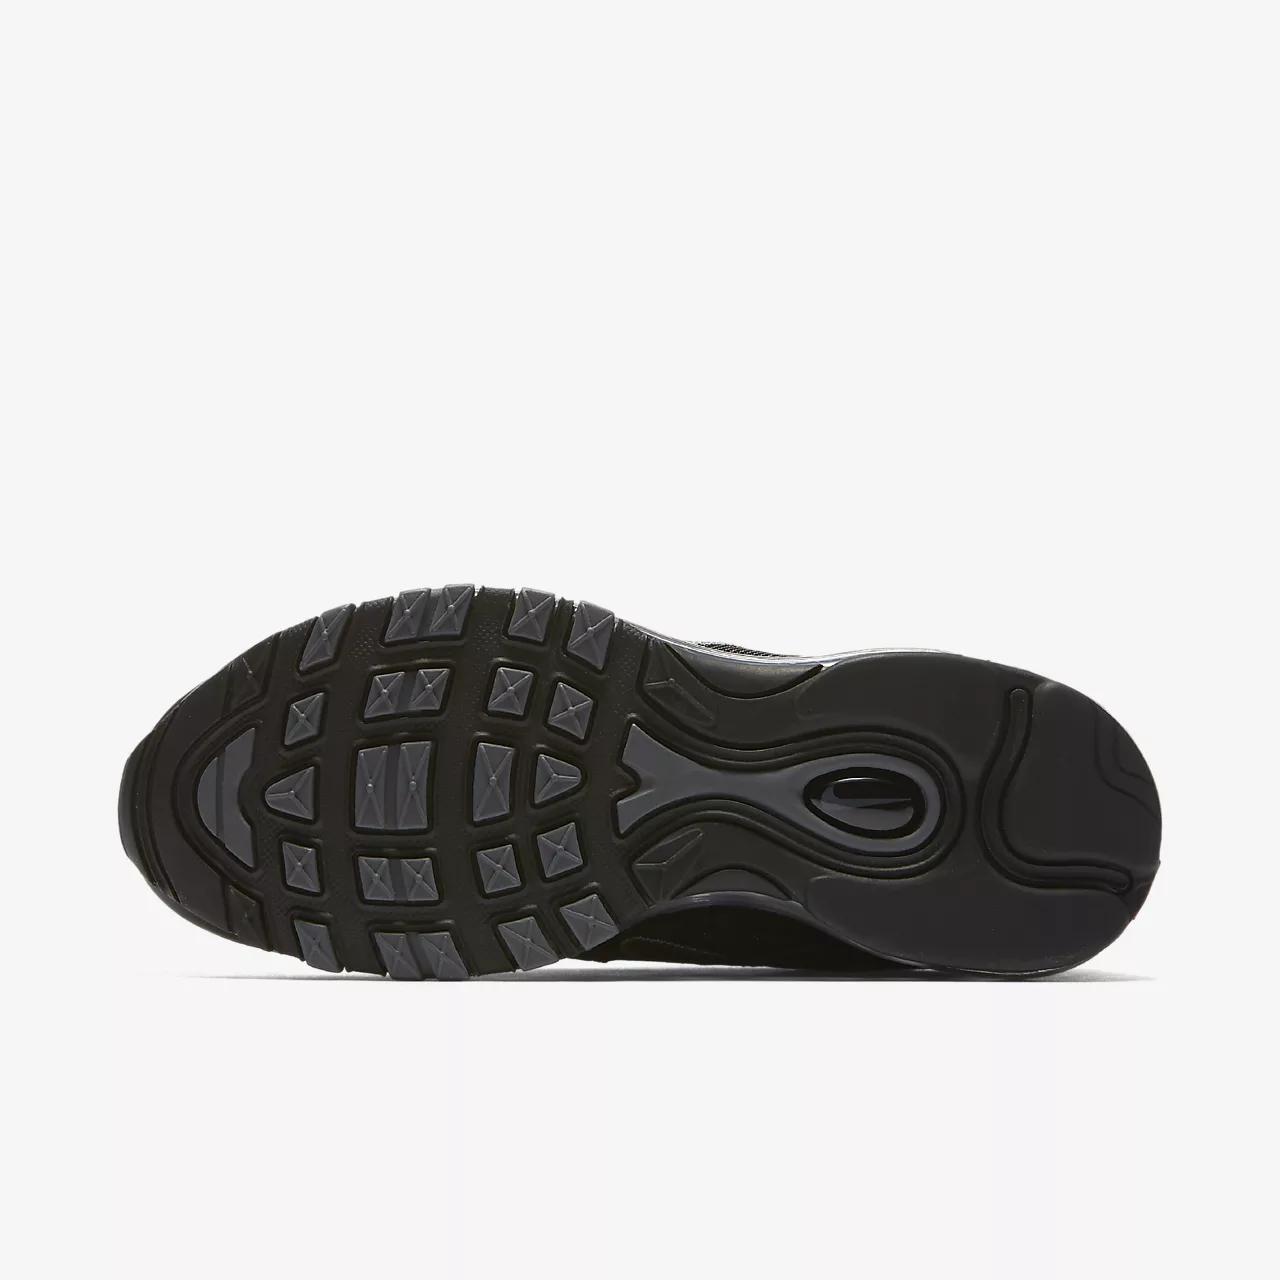 나이키 에어 맥스 97 여성 신발 921733-001